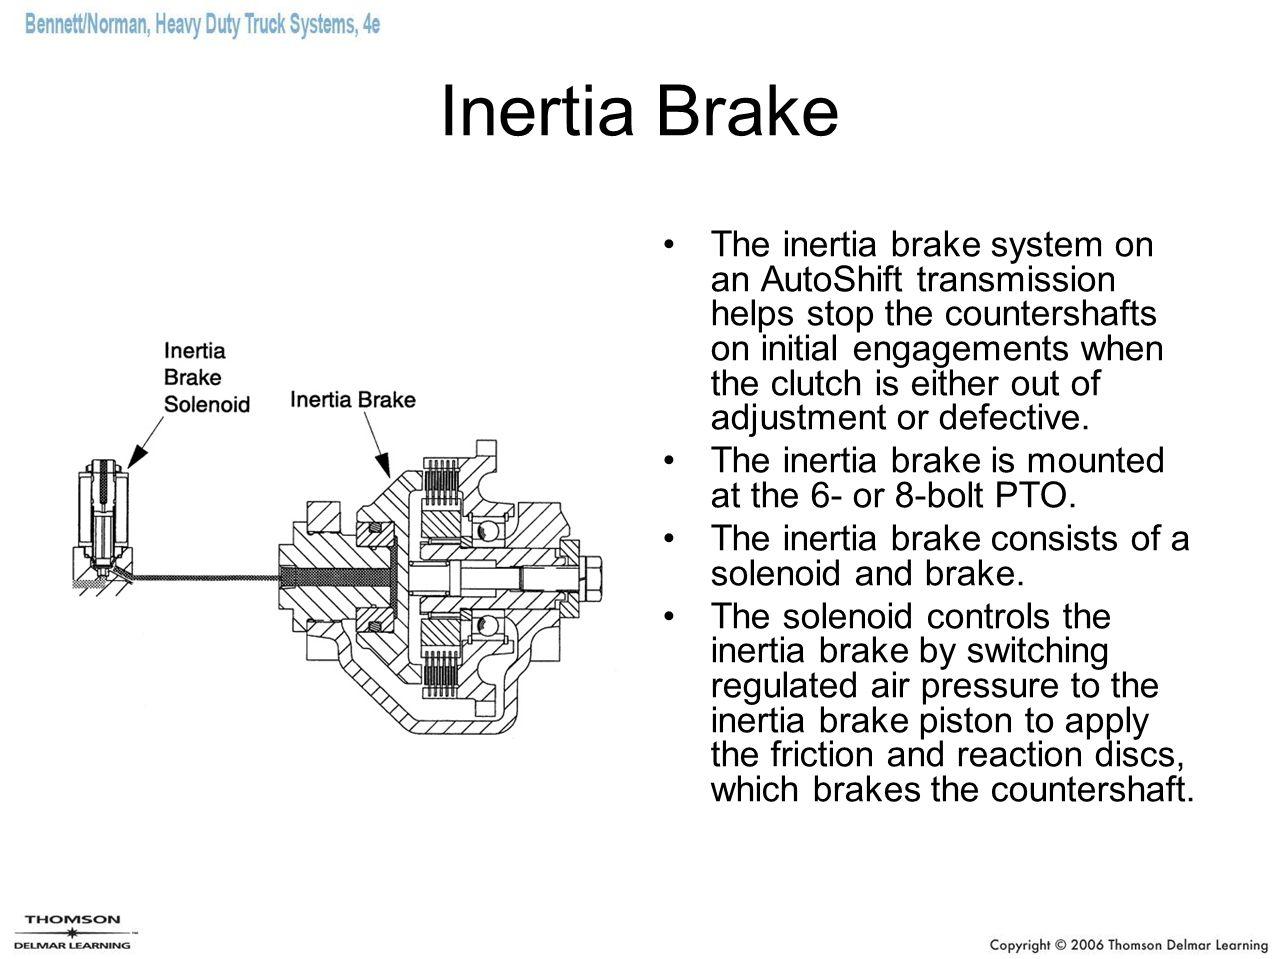 Inertia Brake